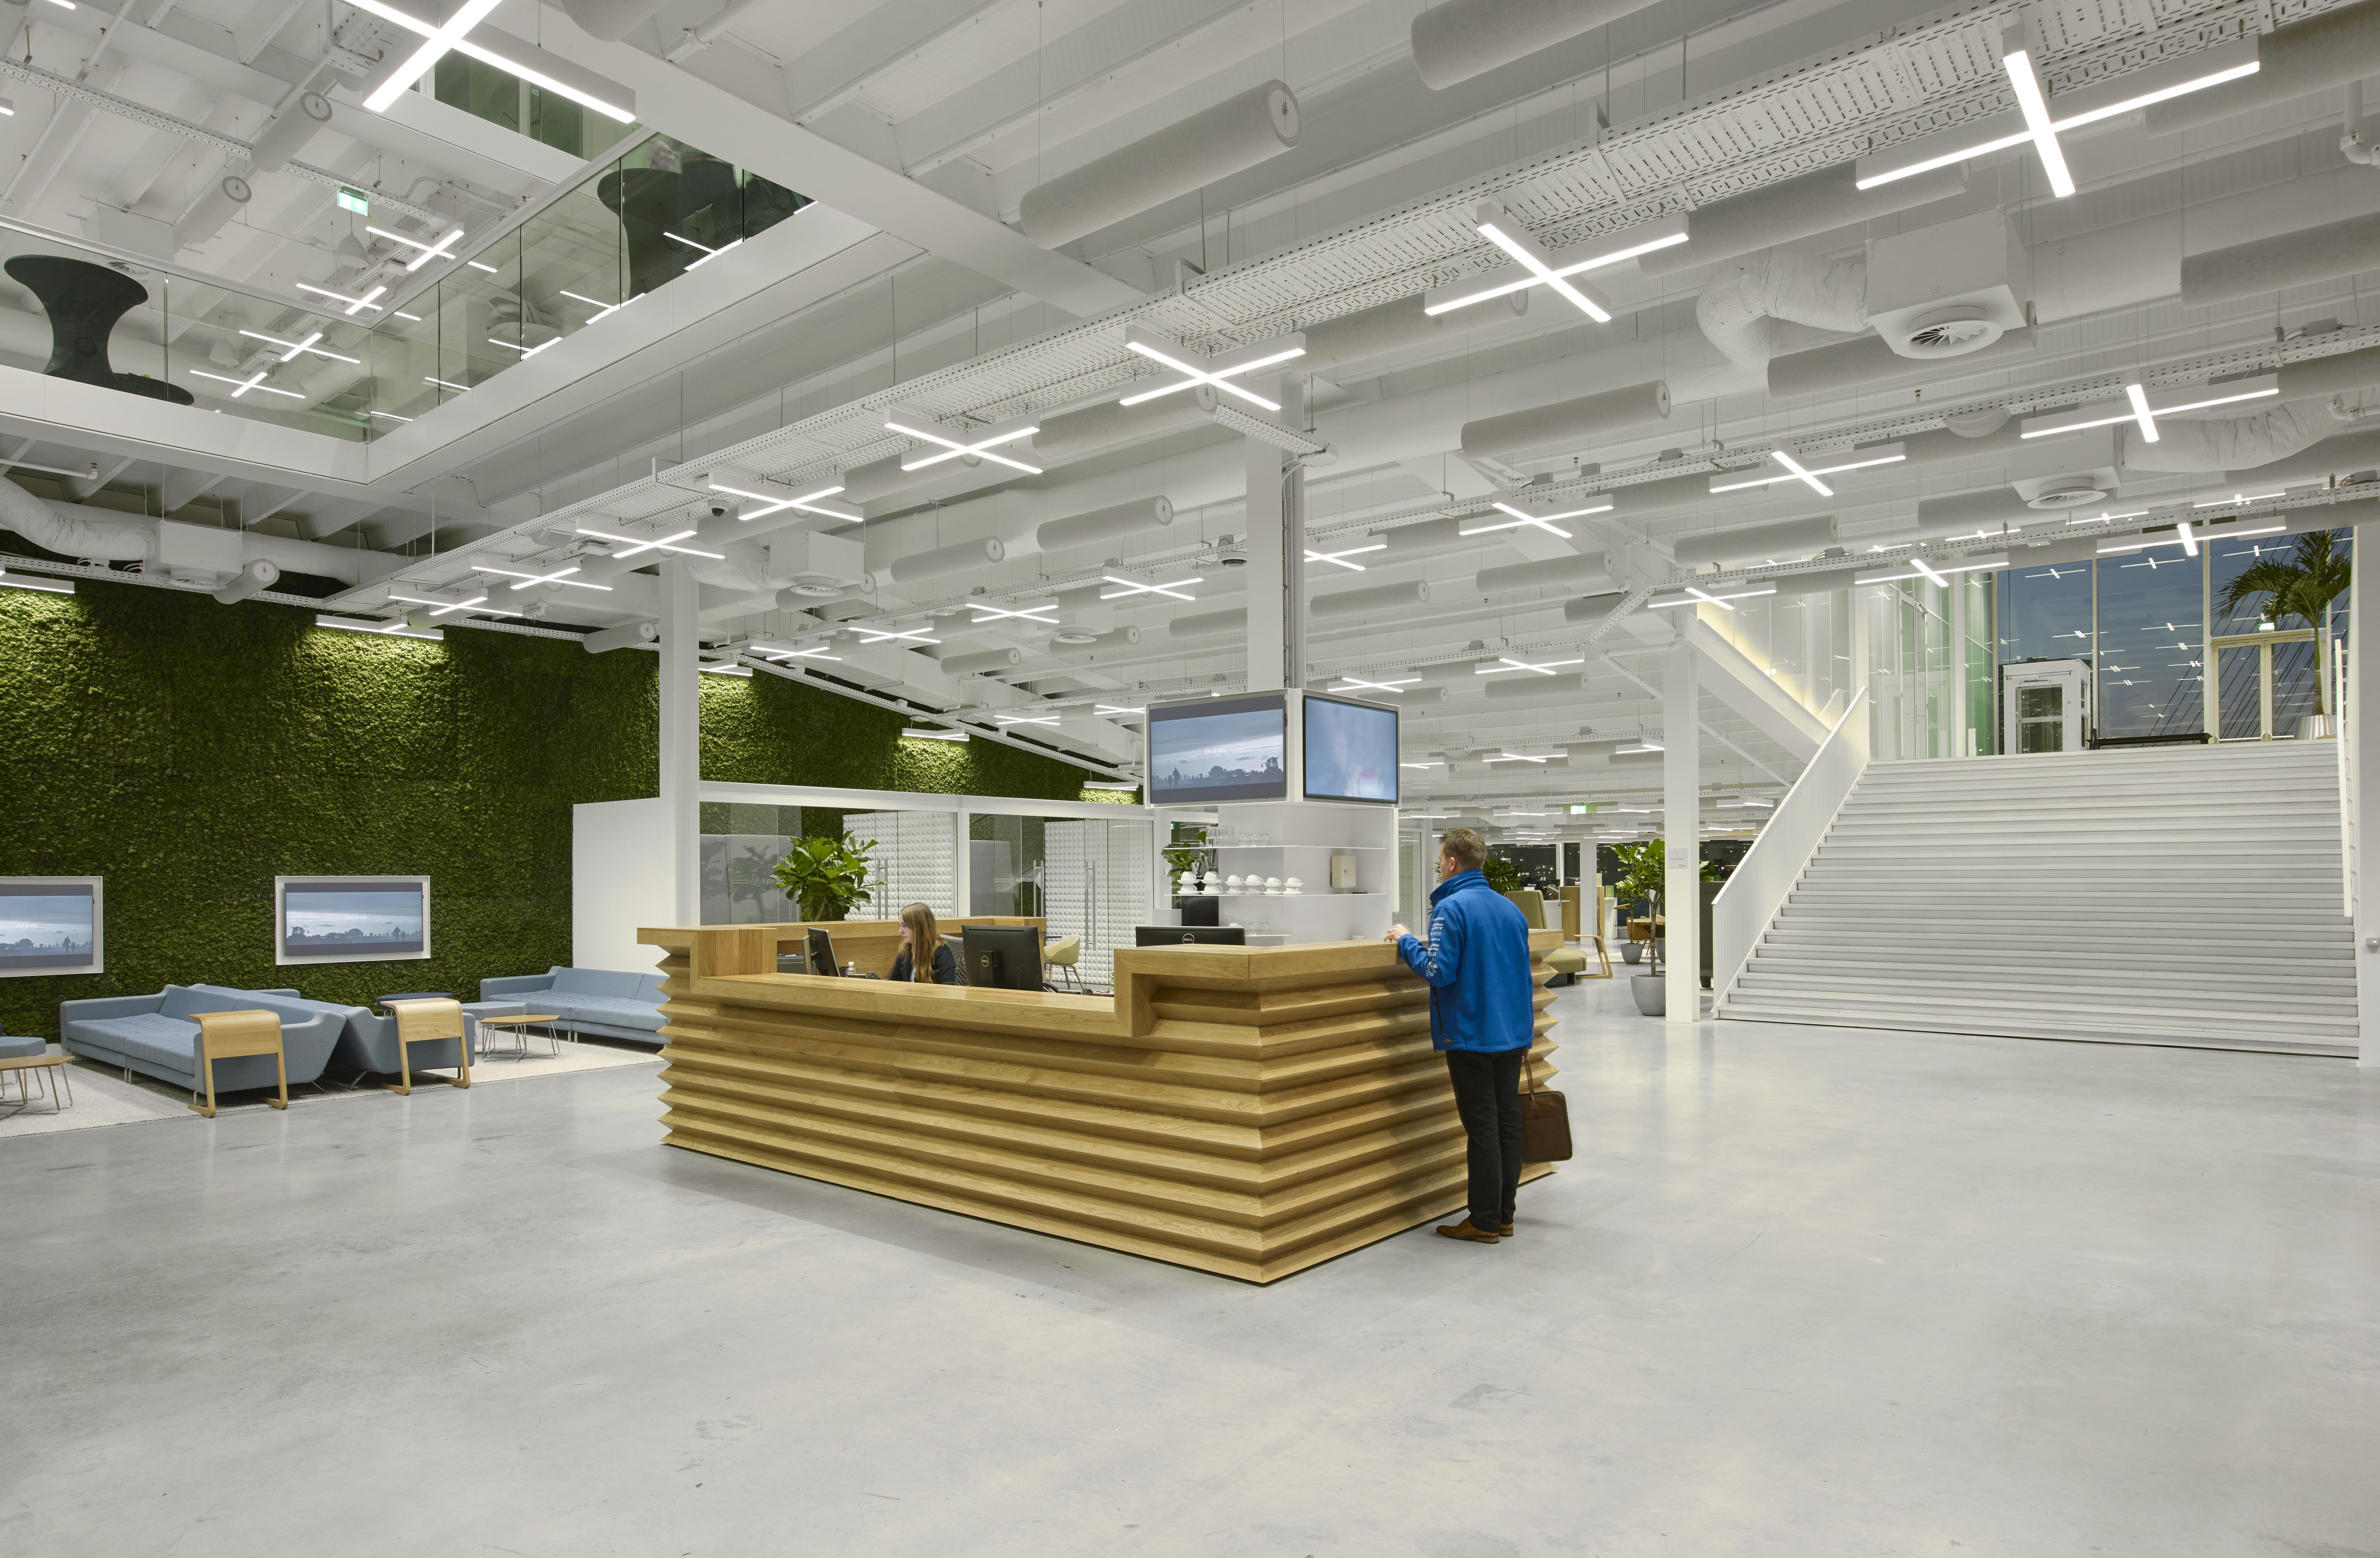 <p>KPN hoofdkantoor ontvangsthal &#8211; Jeroen Musch</p>